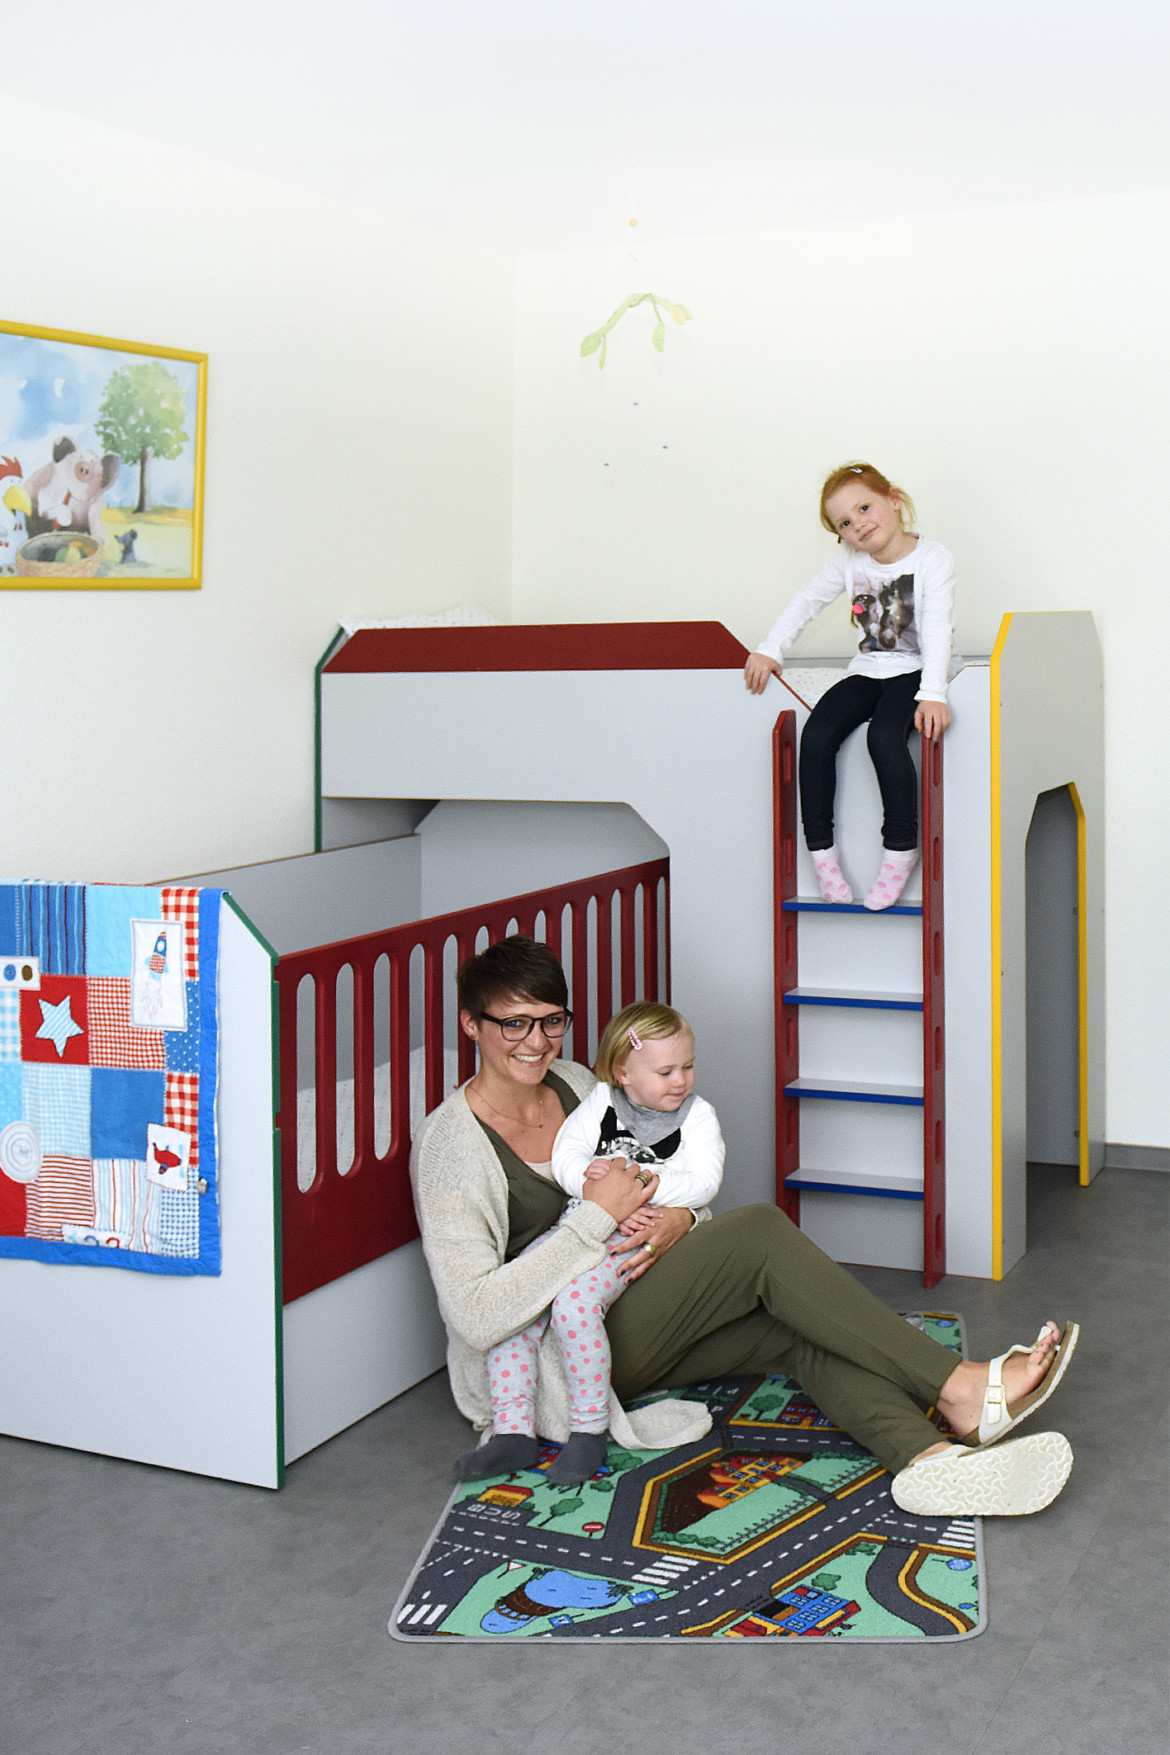 Eine Mutter sitzt mit ihren zwei Kindern in einem freundlich eingerichteten Schlafzimmer des Marianne van den Bosch Hauses.